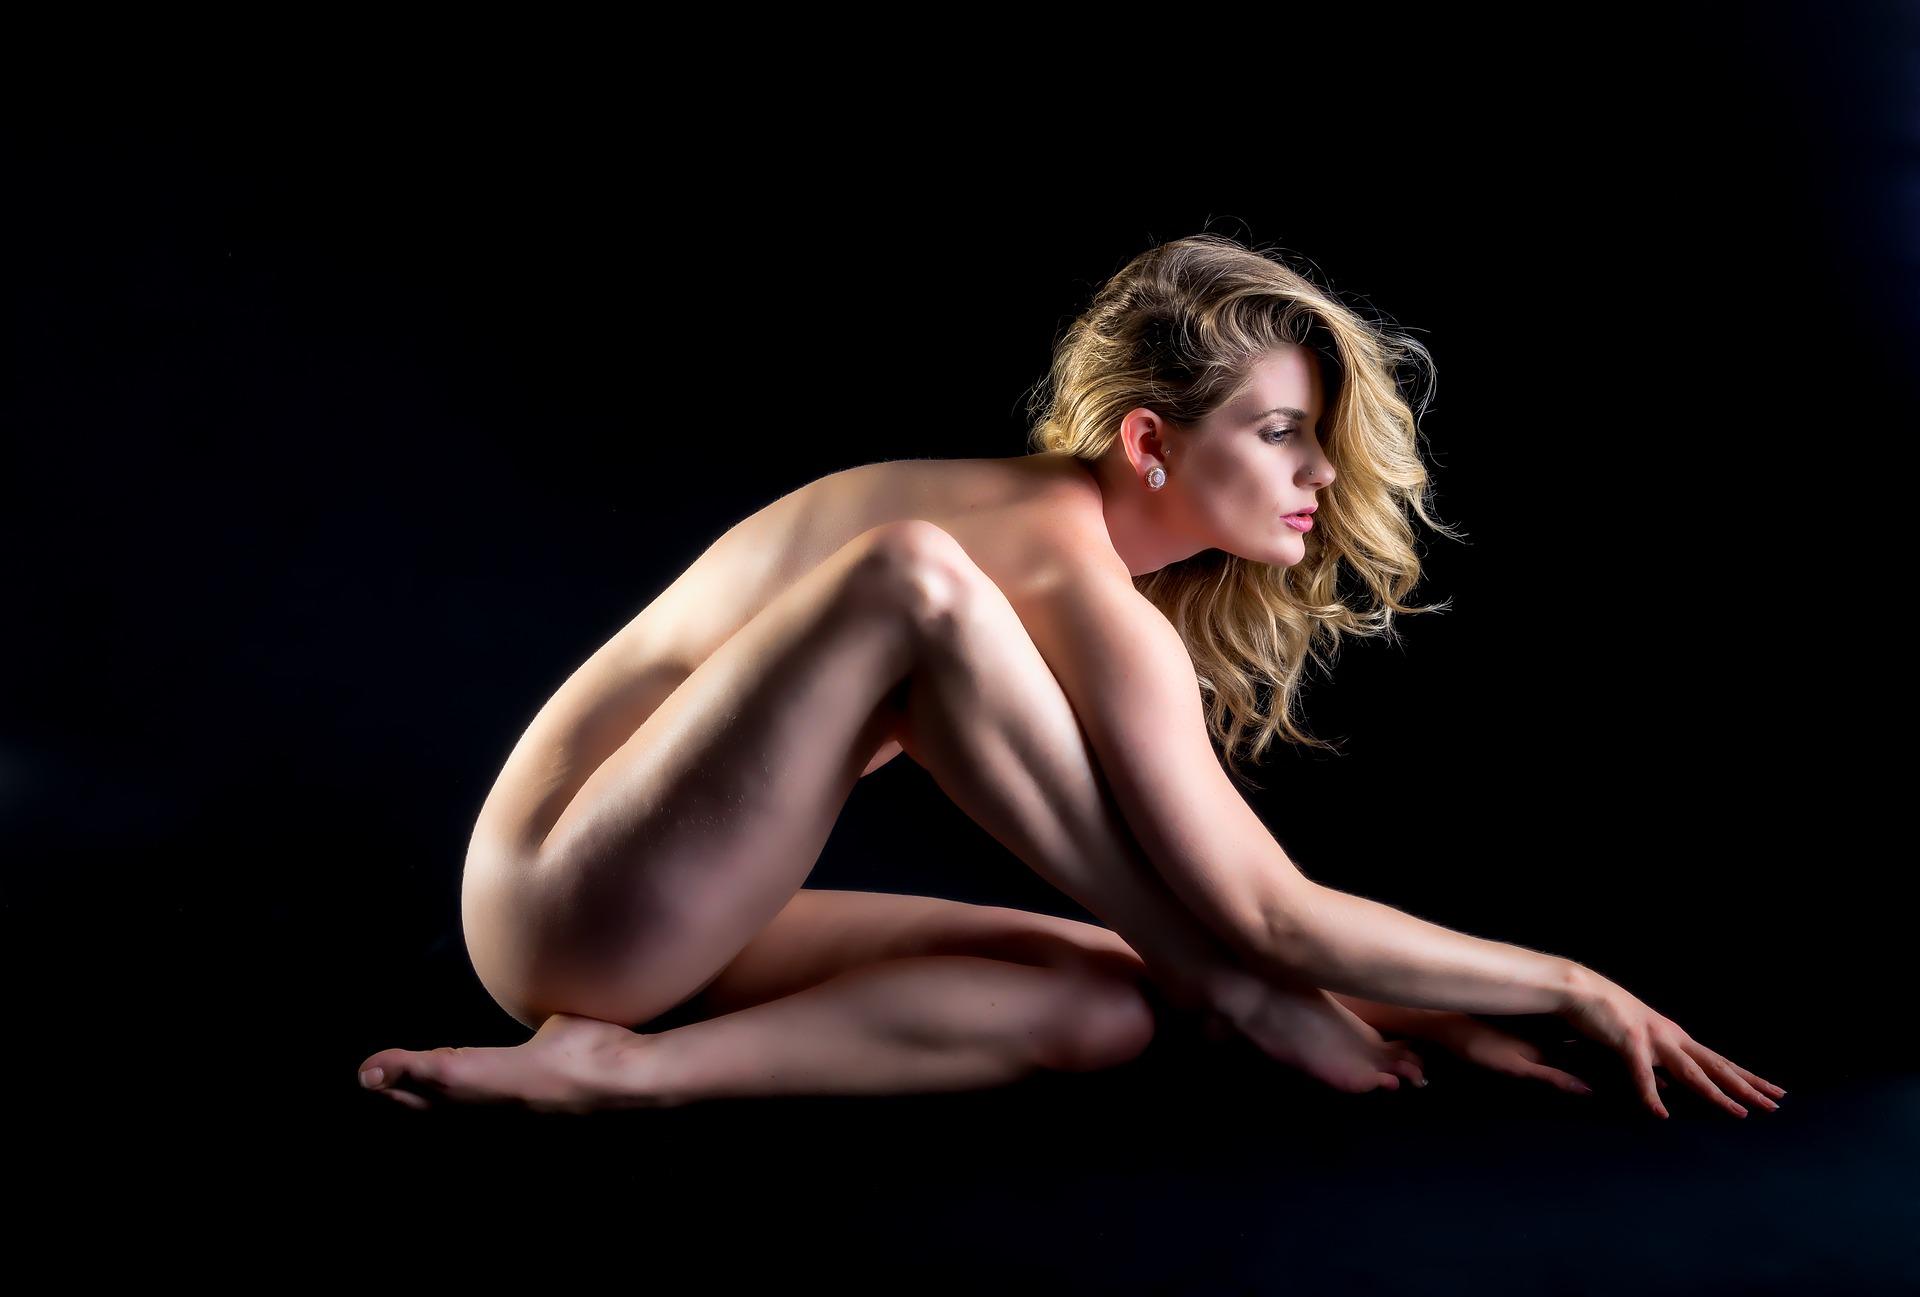 erotik oberfranken kinky lingerie